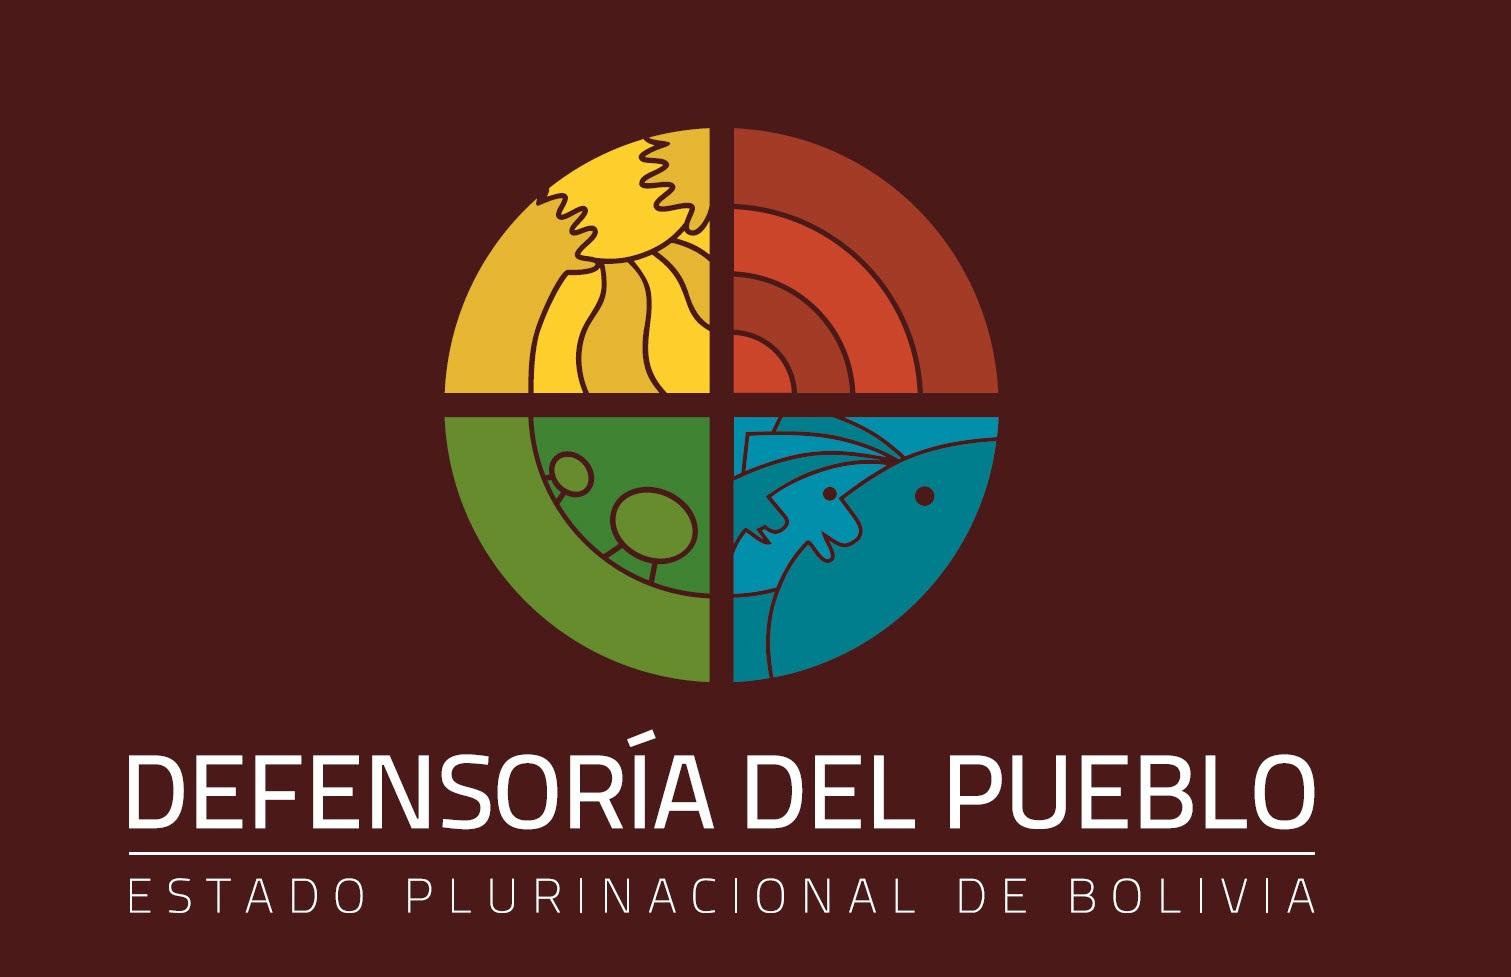 http://www.defensoria.gob.bo/